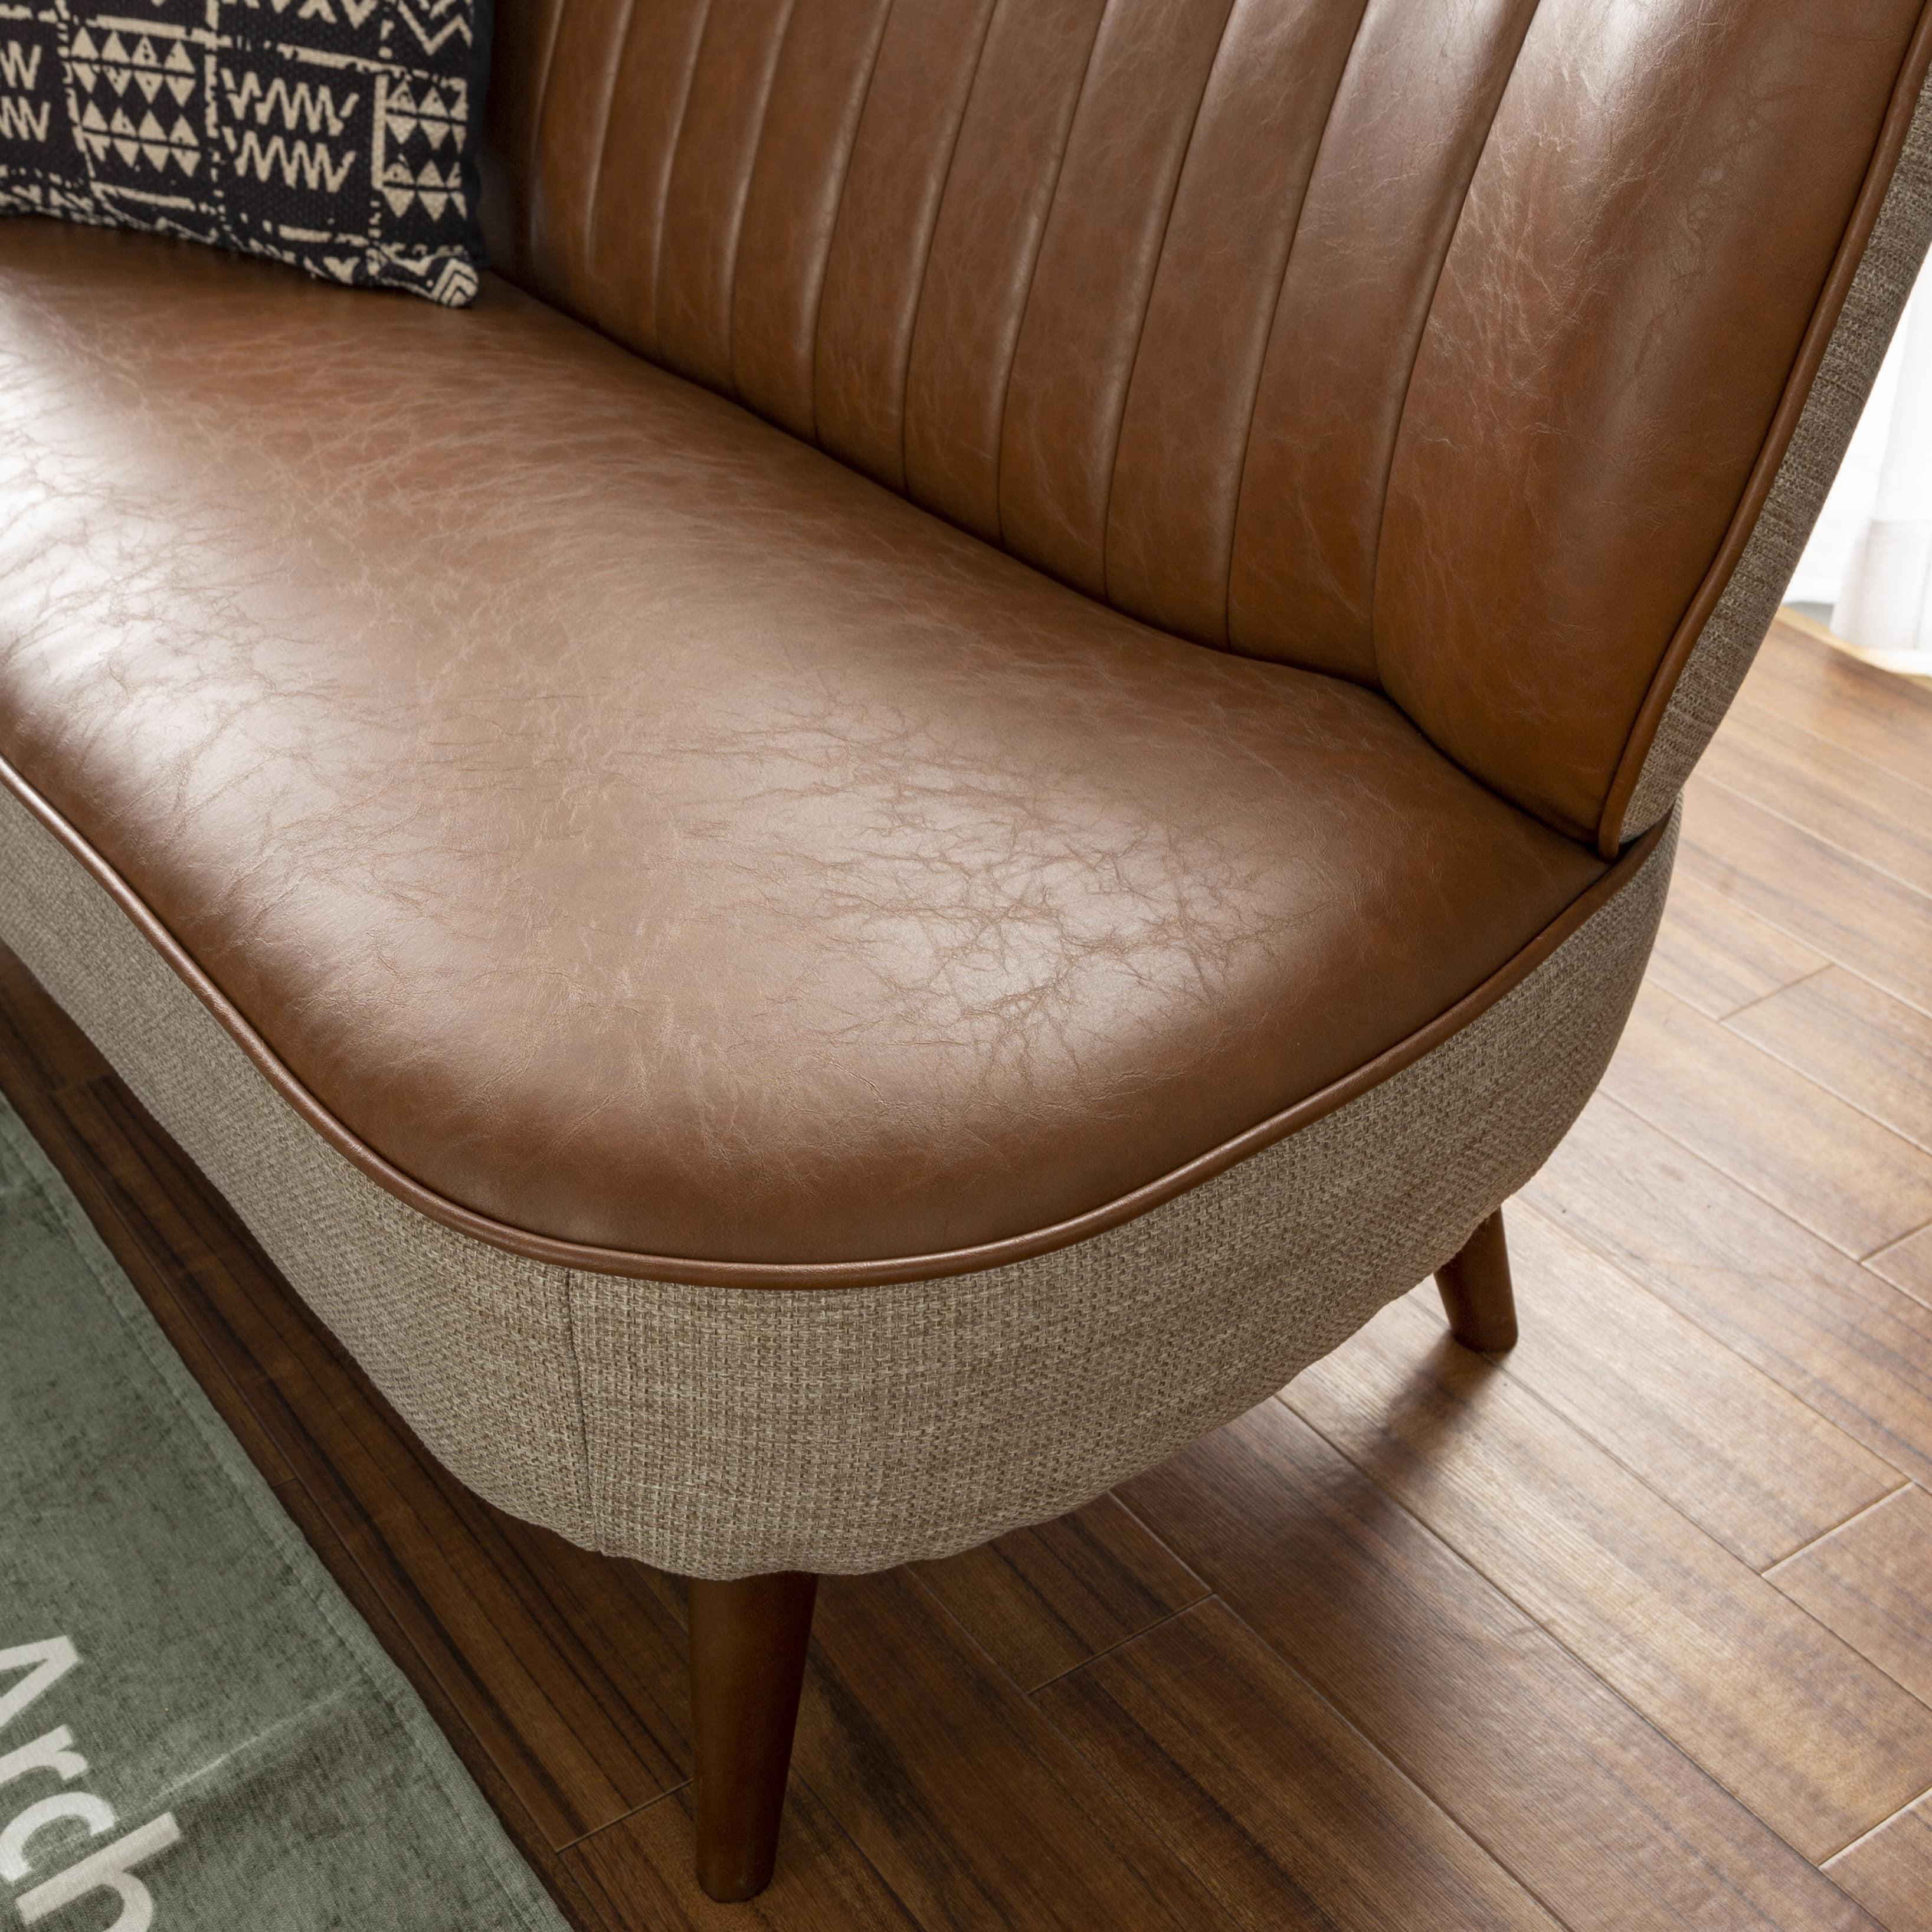 1人掛けソファー サファリ2(ダークブラウン):丸みのデザインが可愛らしさをプラス